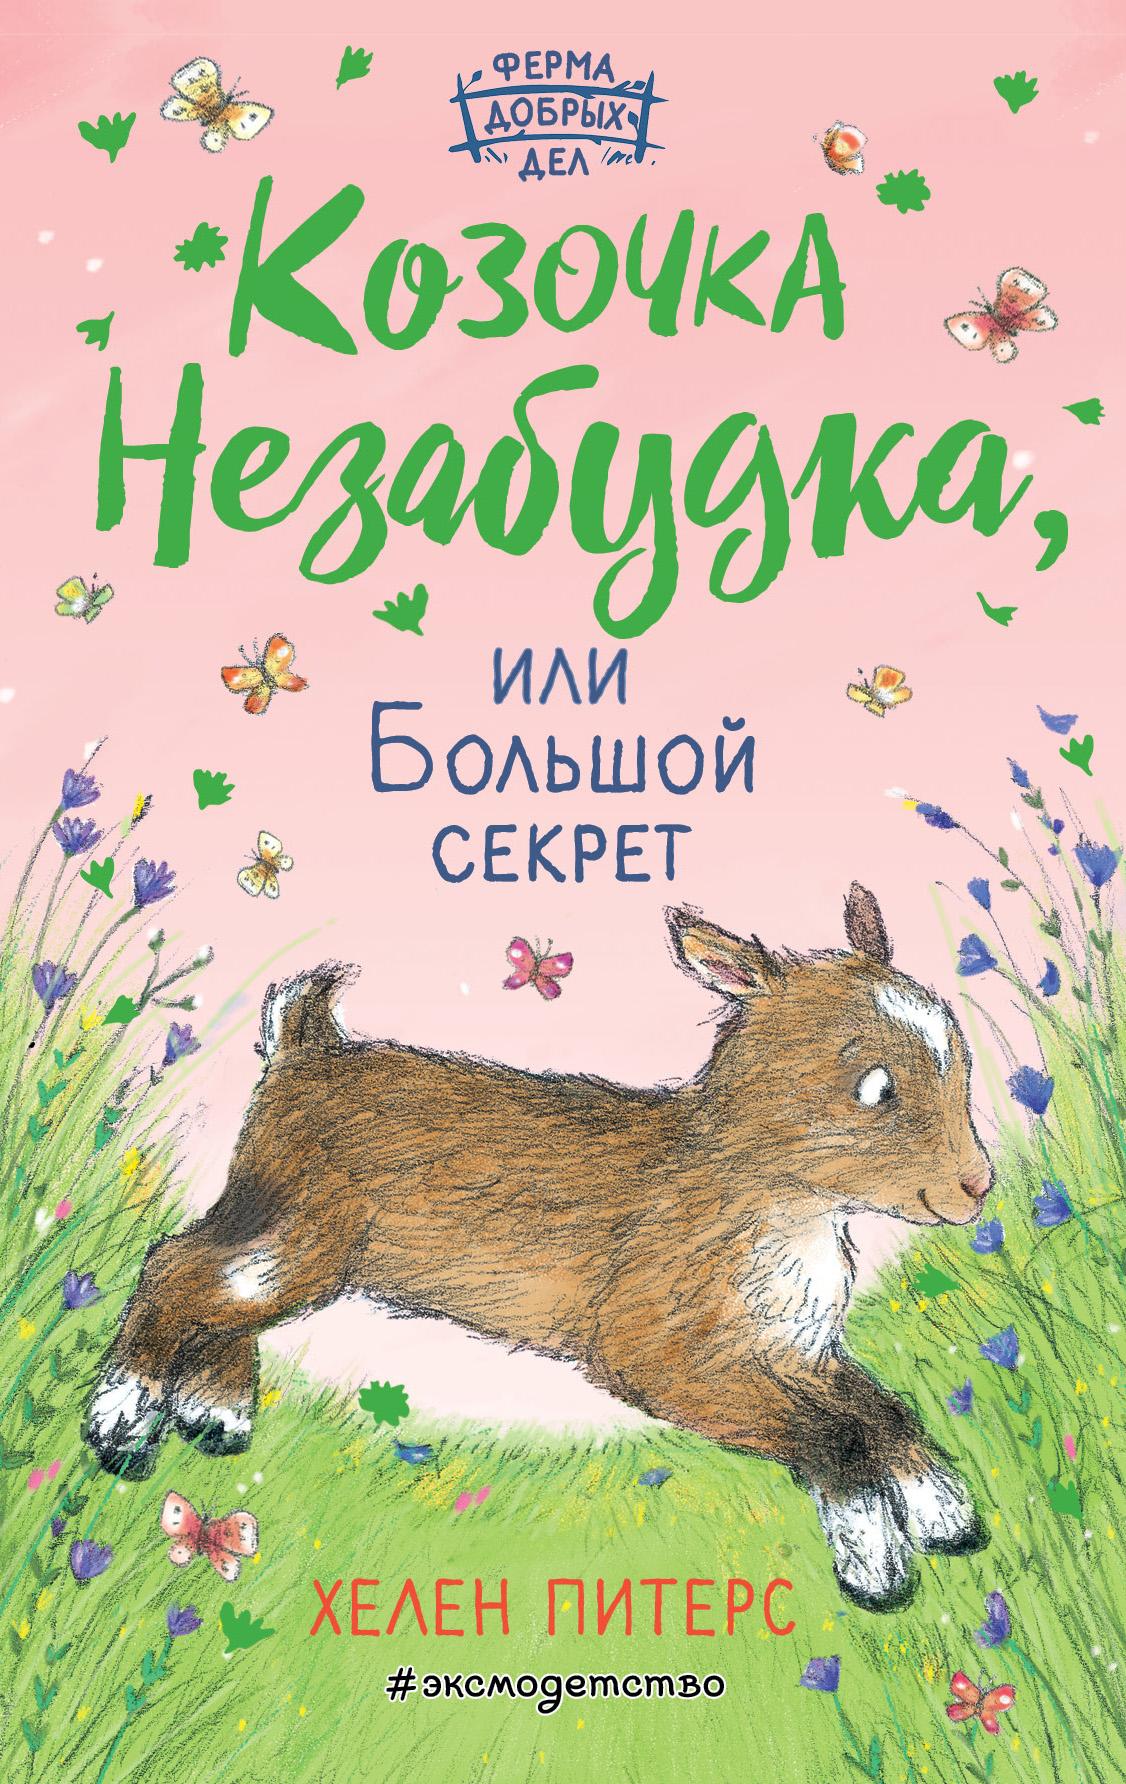 Купить книгу Козочка Незабудка, или Большой секрет, автора Хелен Питерс